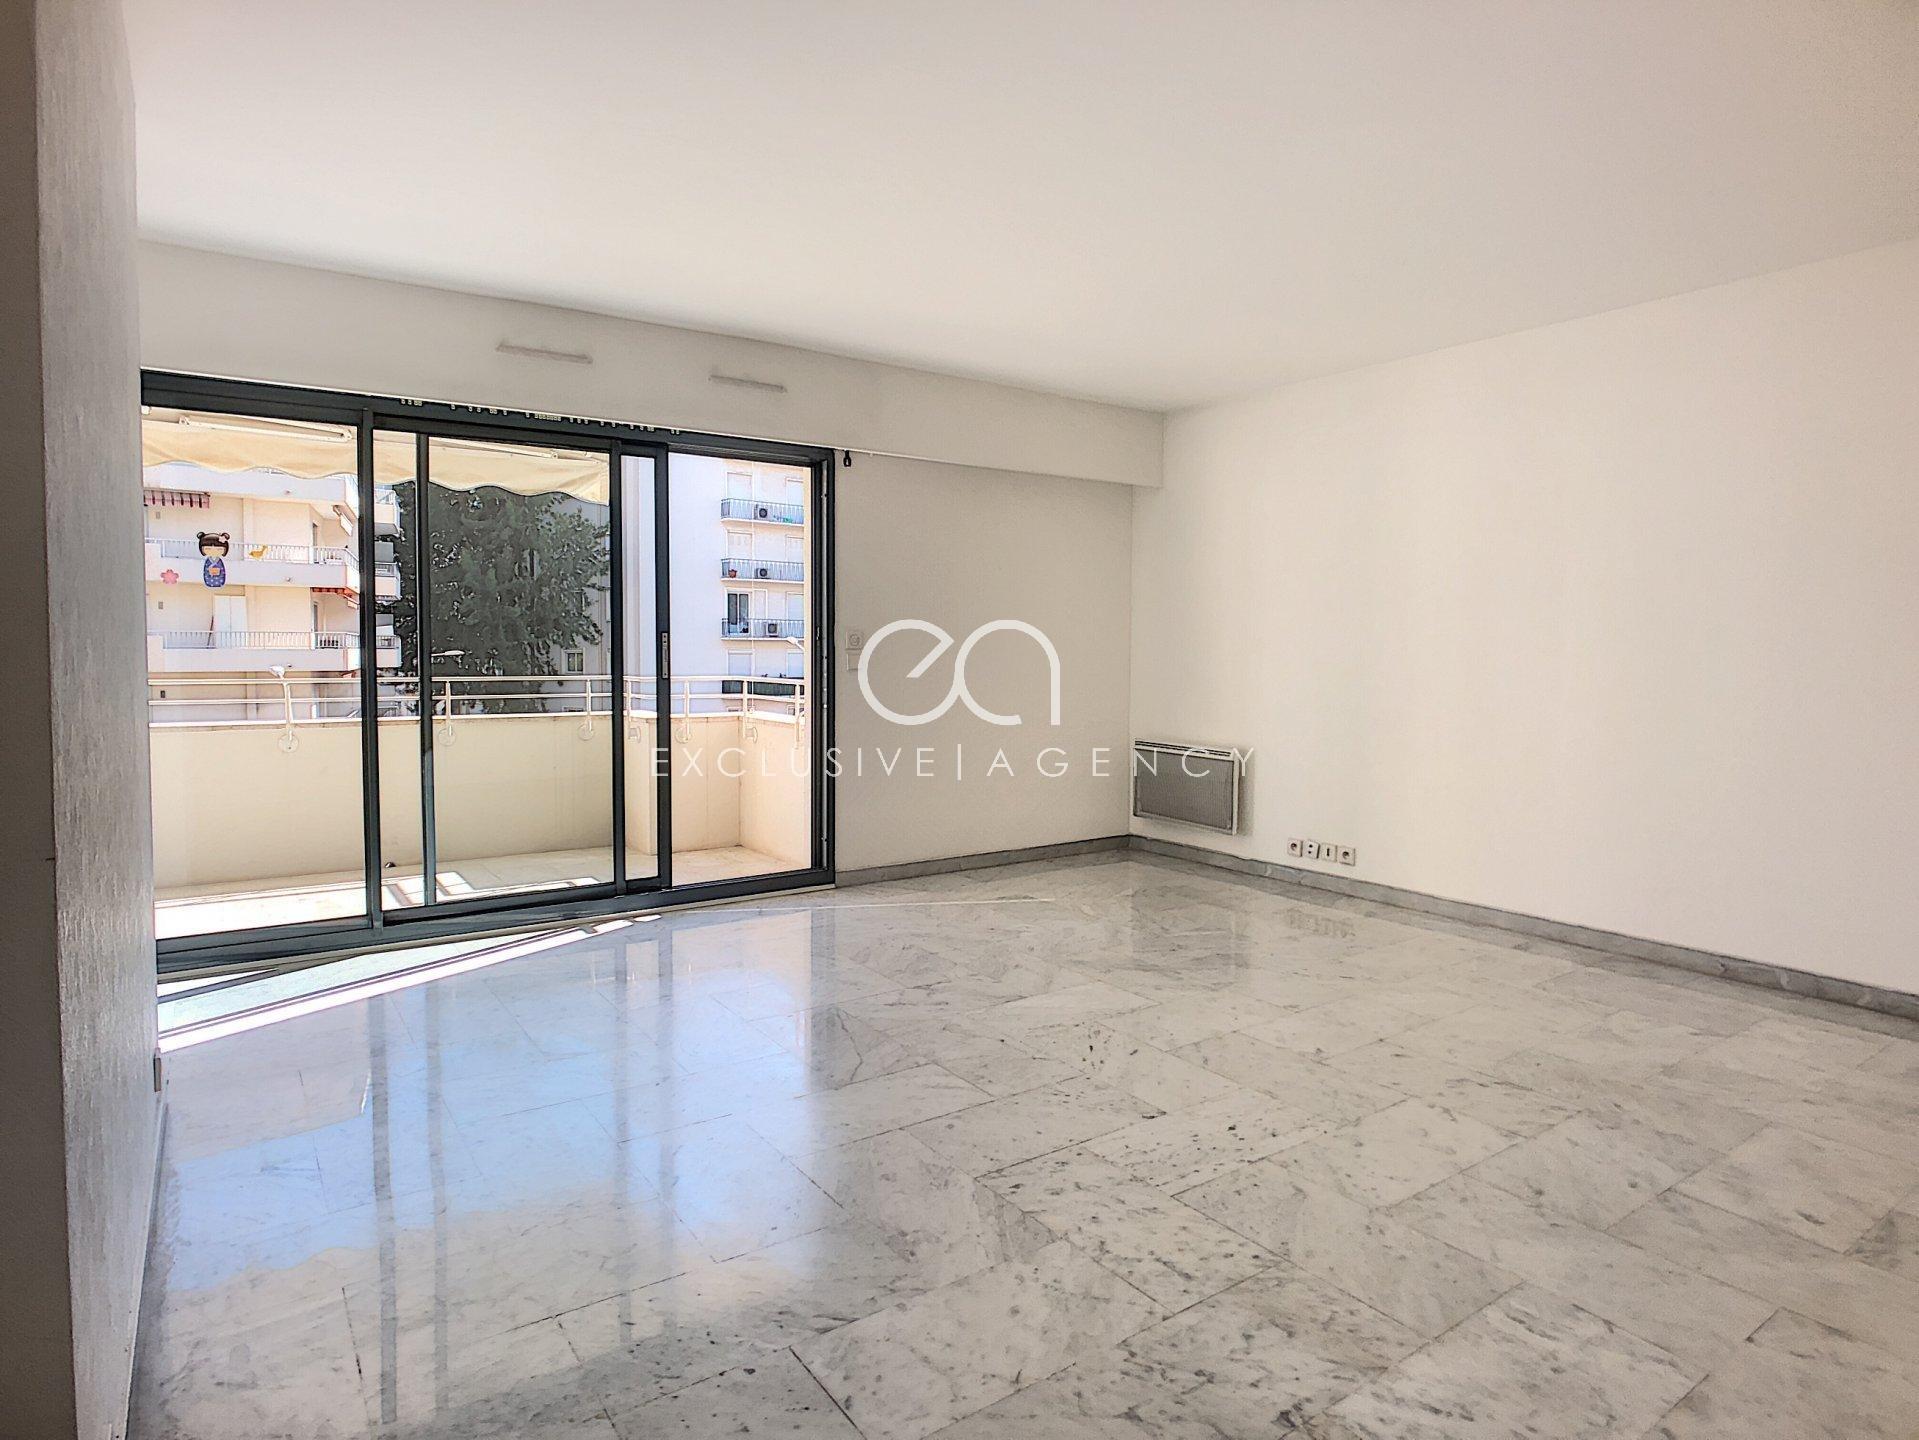 A LOUER CANNES CENTRE RUE D'ANTIBES appartement 2 pièces 62m2 avec large terrasse